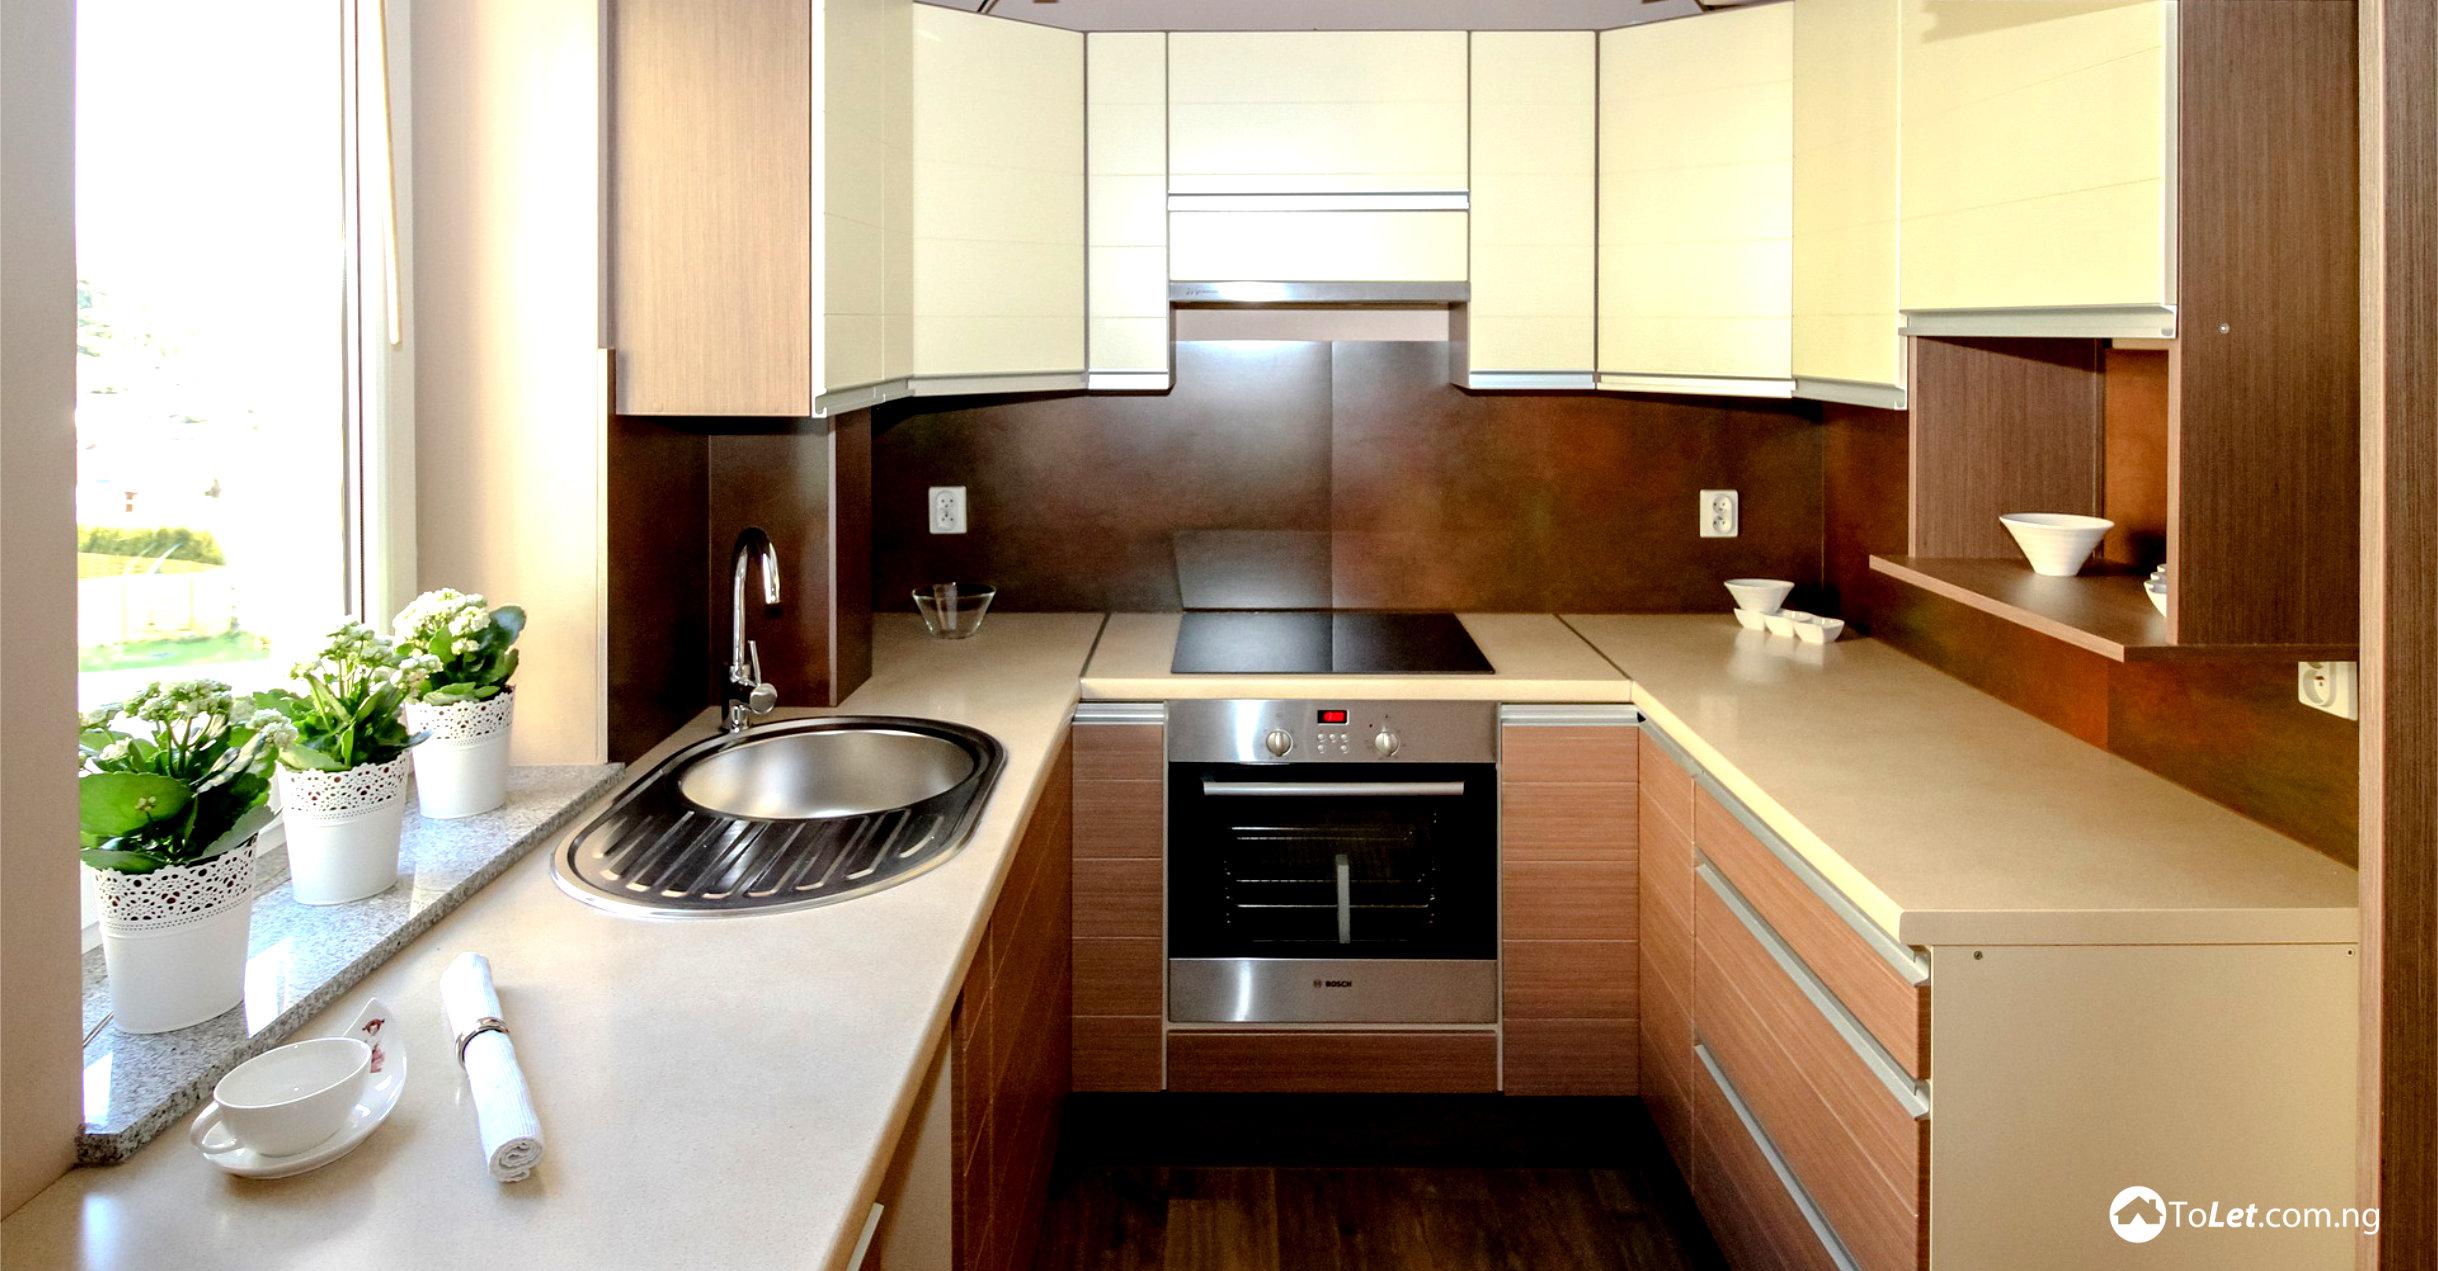 5 Basic Plans For Modern Kitchen Designs - PropertyPro Insider